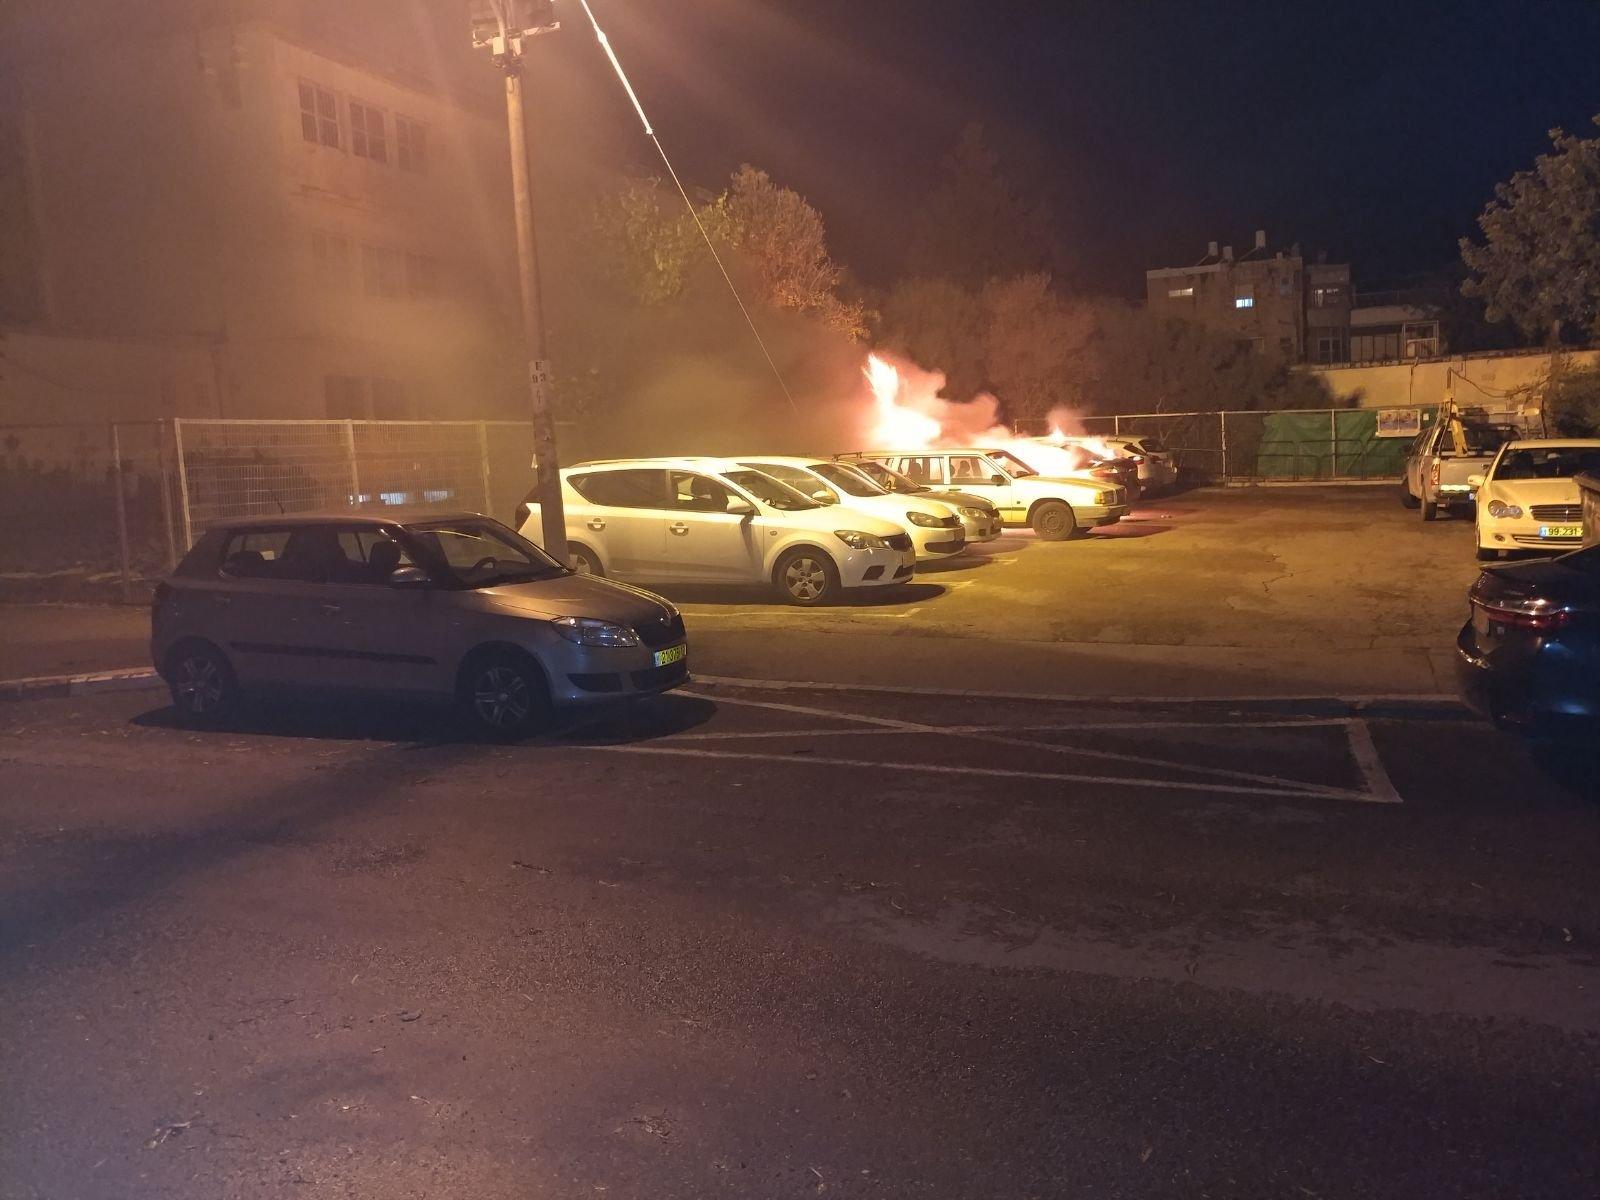 ليلة ساخنة رغم المنخفض الجوي: إطلاق نار على منزل مديرة مدرسة بسخنين .. إحراق سيارات وإطلاق نار ببلدات أخرى